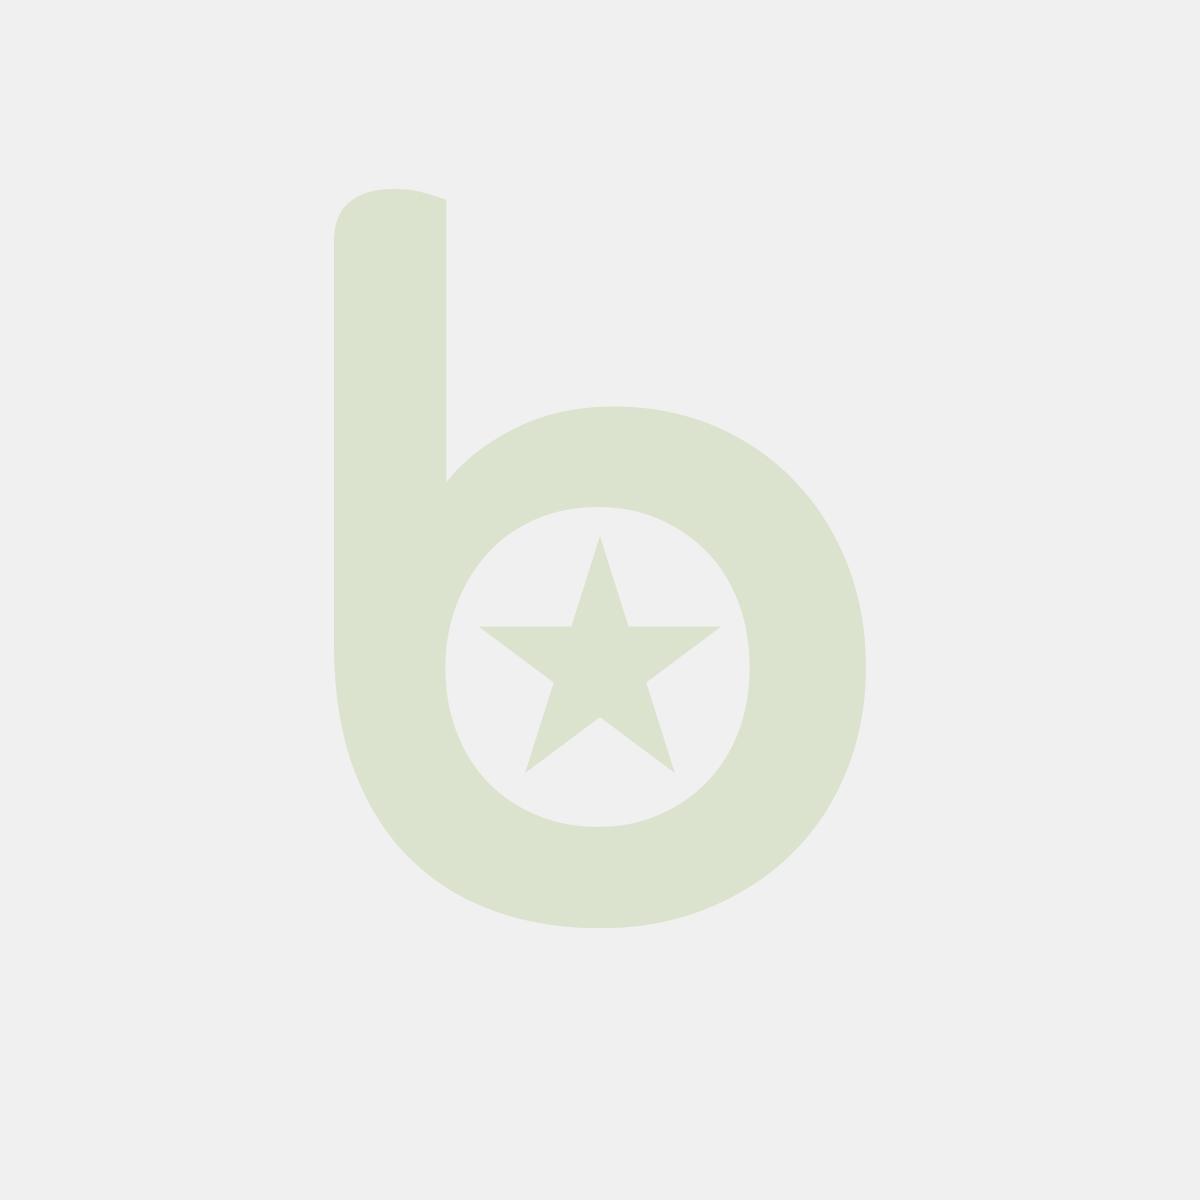 Naczynia Biotrem z otrąb pszennych